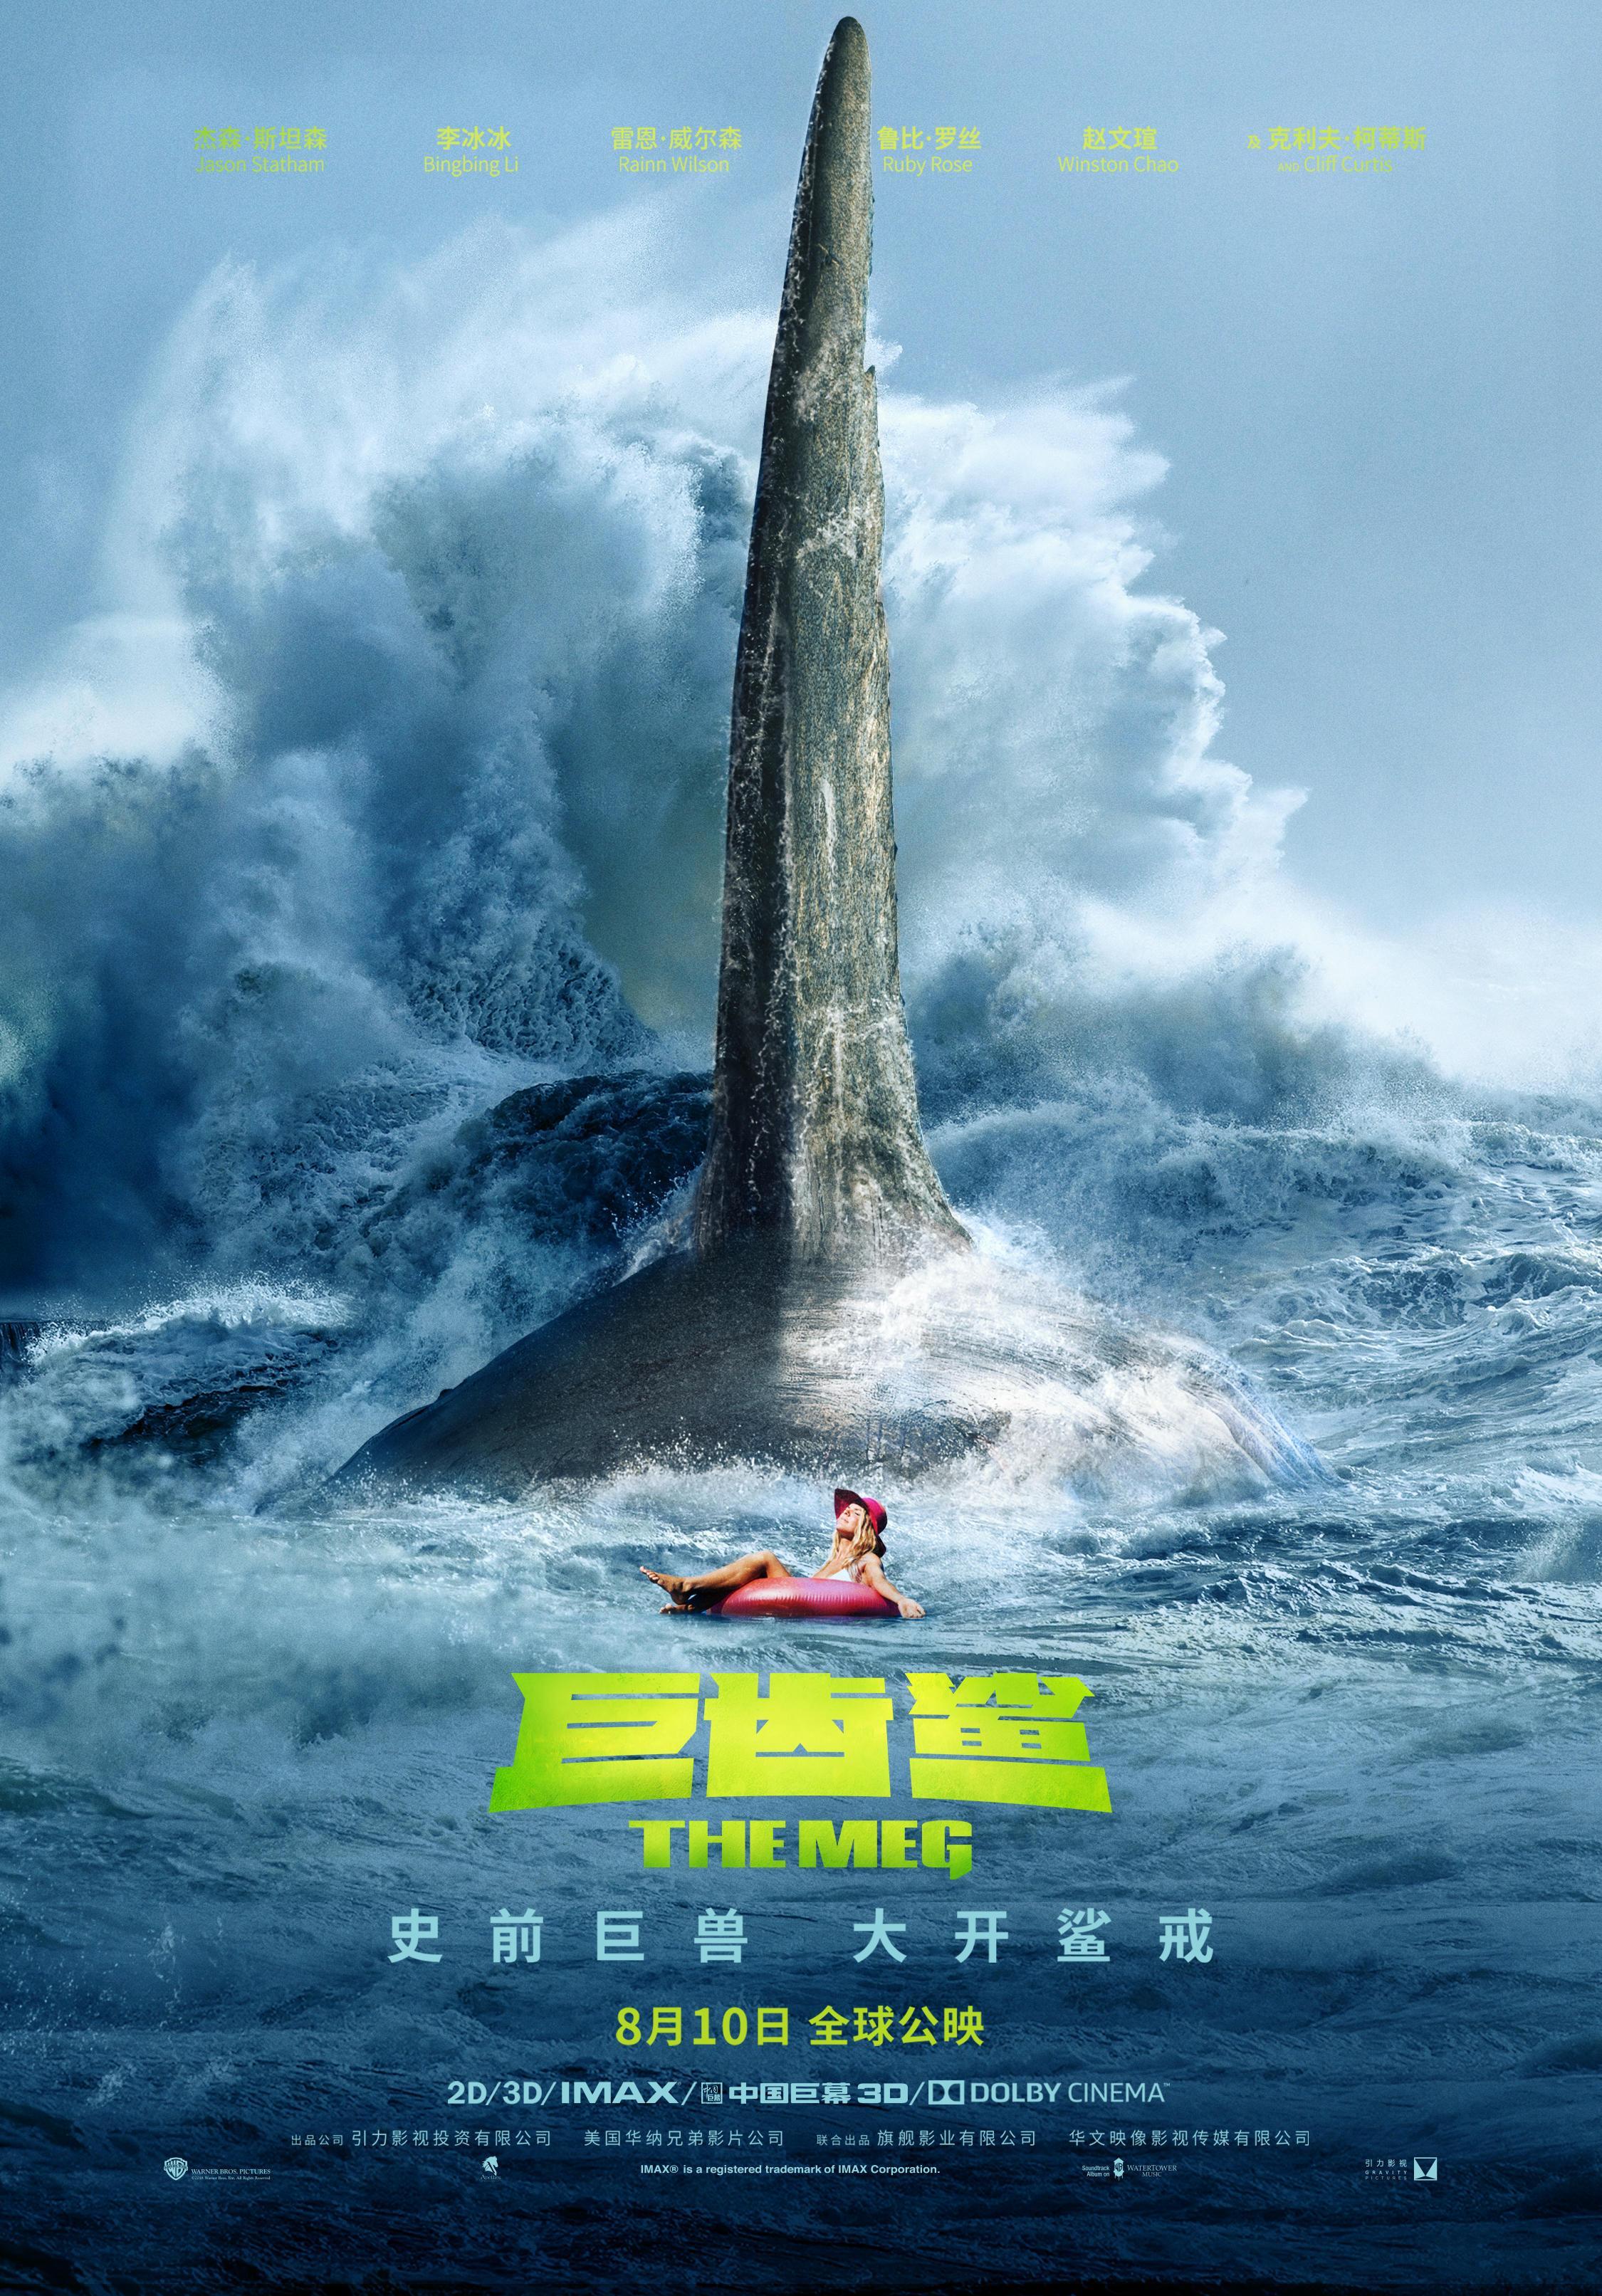 巨齿鲨》是一部由乔·德特杜巴执导,杰森·斯坦森,李冰冰图片